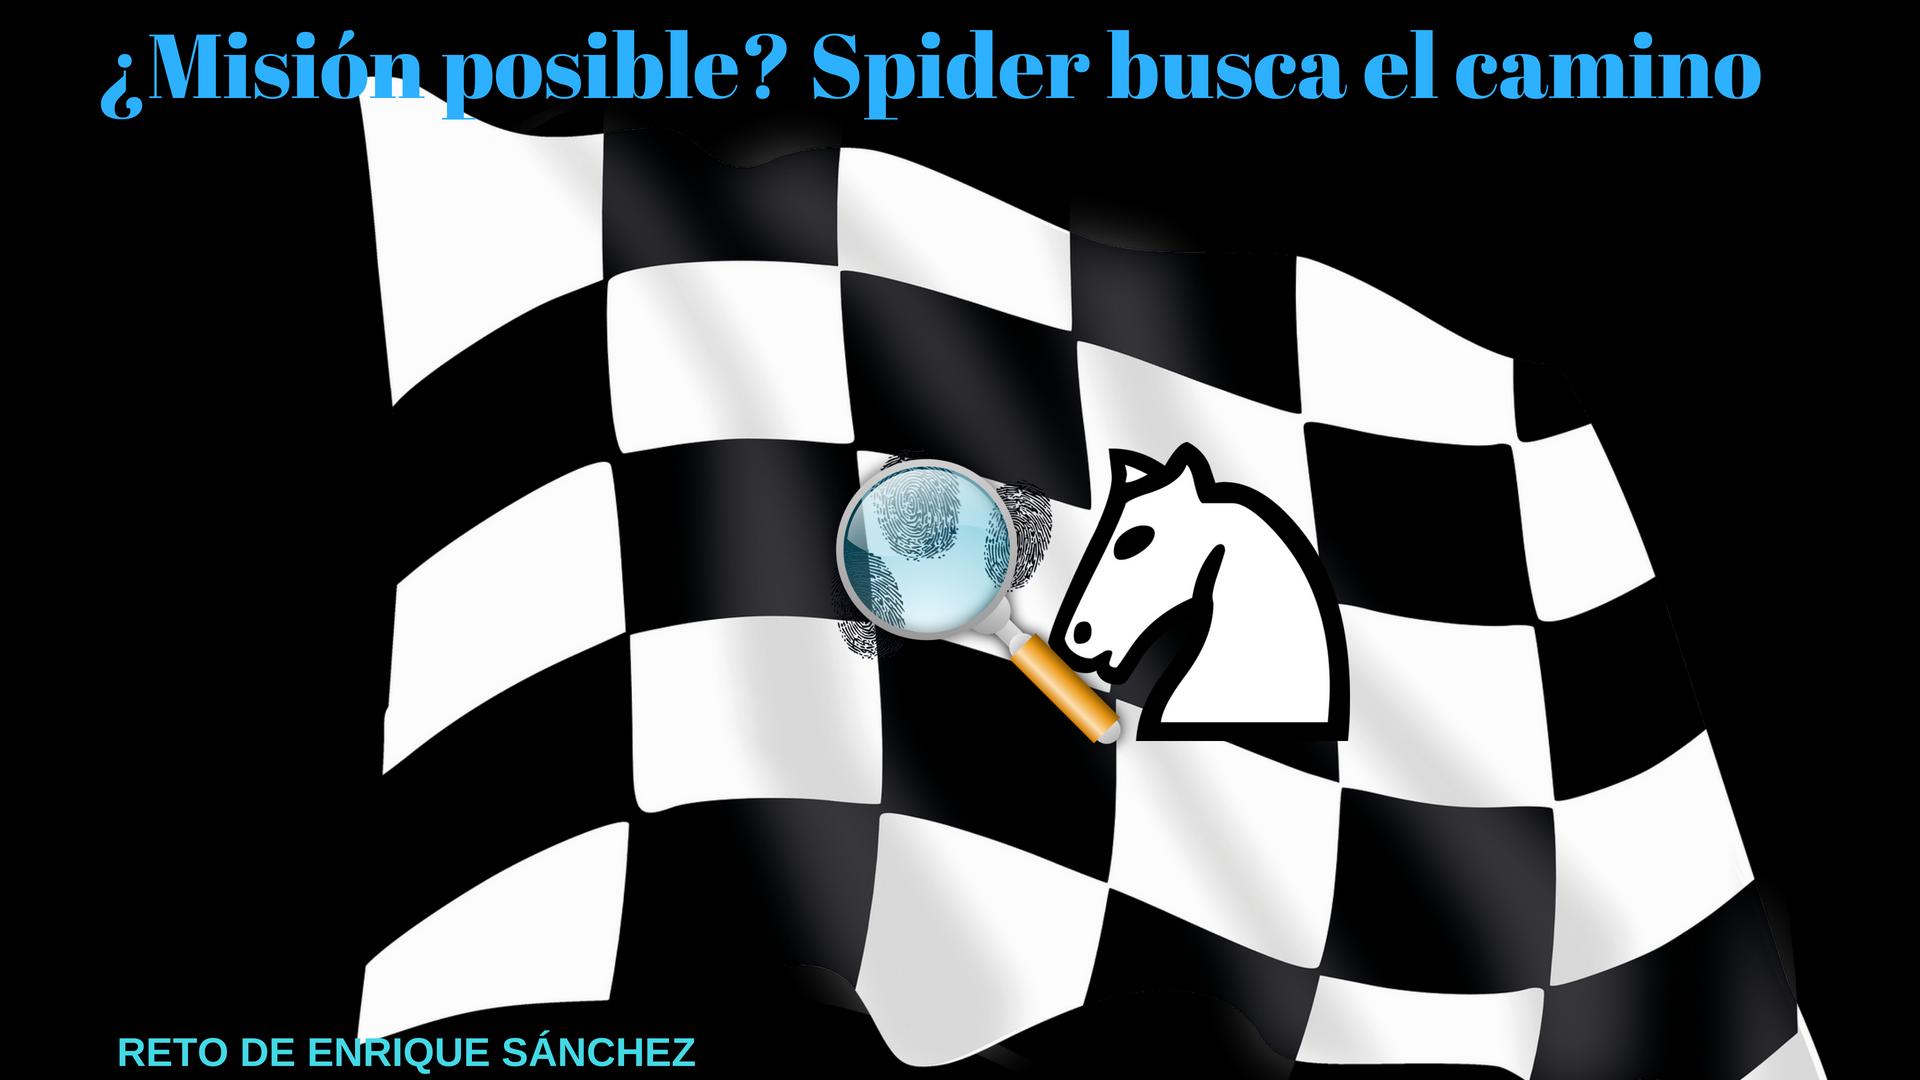 Spider busca el camino